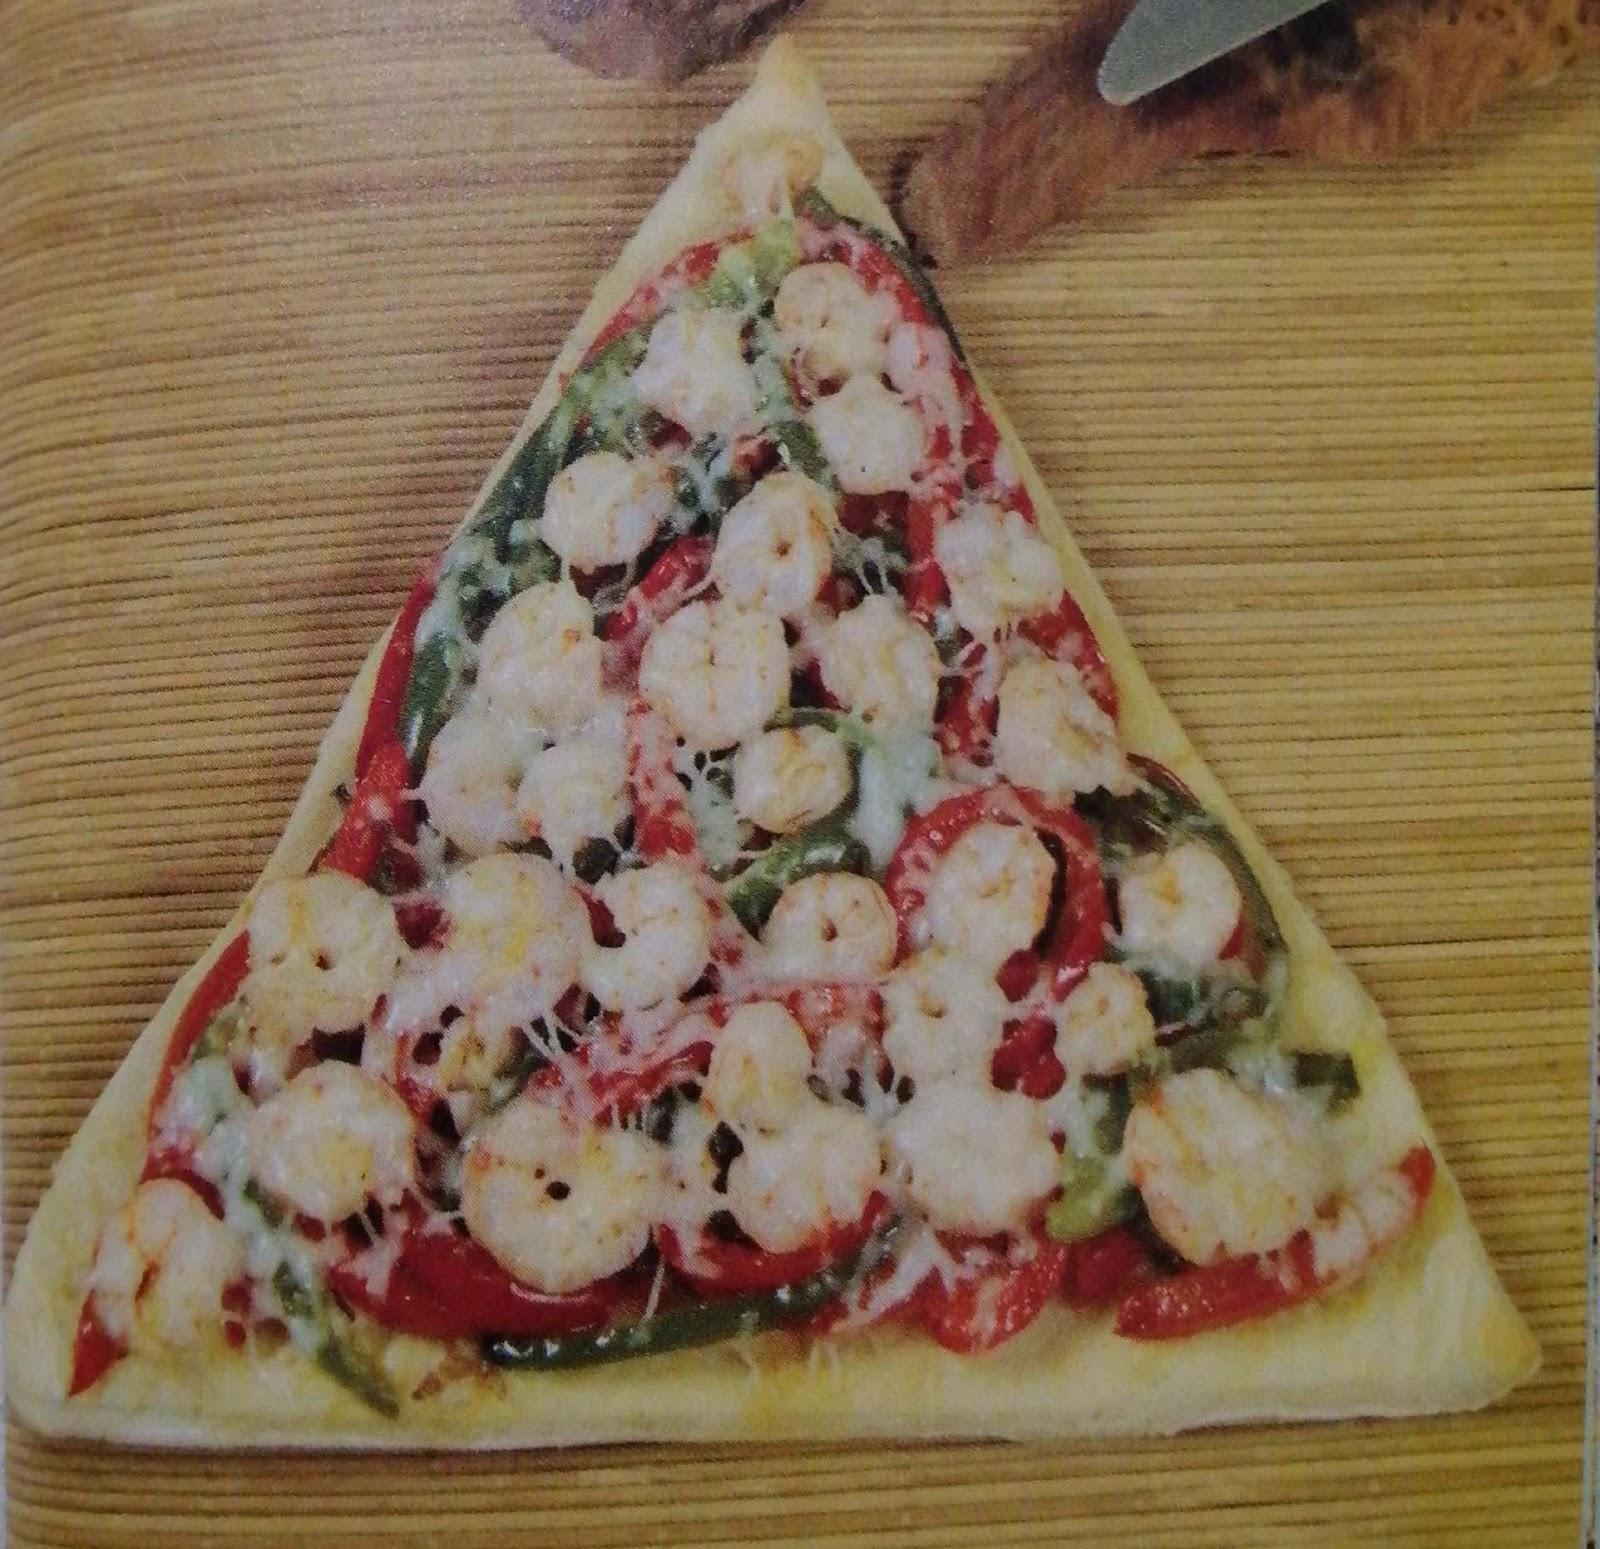 بيتزا,بيتزا أمريكية,اكل,بيتزا امريكية,بيتزا هت,عجينة البيتزا السريعة,البيتزا الامريكية,طريقة عمل,البيتزا,صلصة البيتزا الامريكية,البيتزا لايطالية,عجينة البيتزا الامريكية,عمل البيتزا,مطبخ,عجينة,الشيف,كيفية,حلويات,طريقة,بيتزا أميركية,بيتزا أم وليد,سريعة